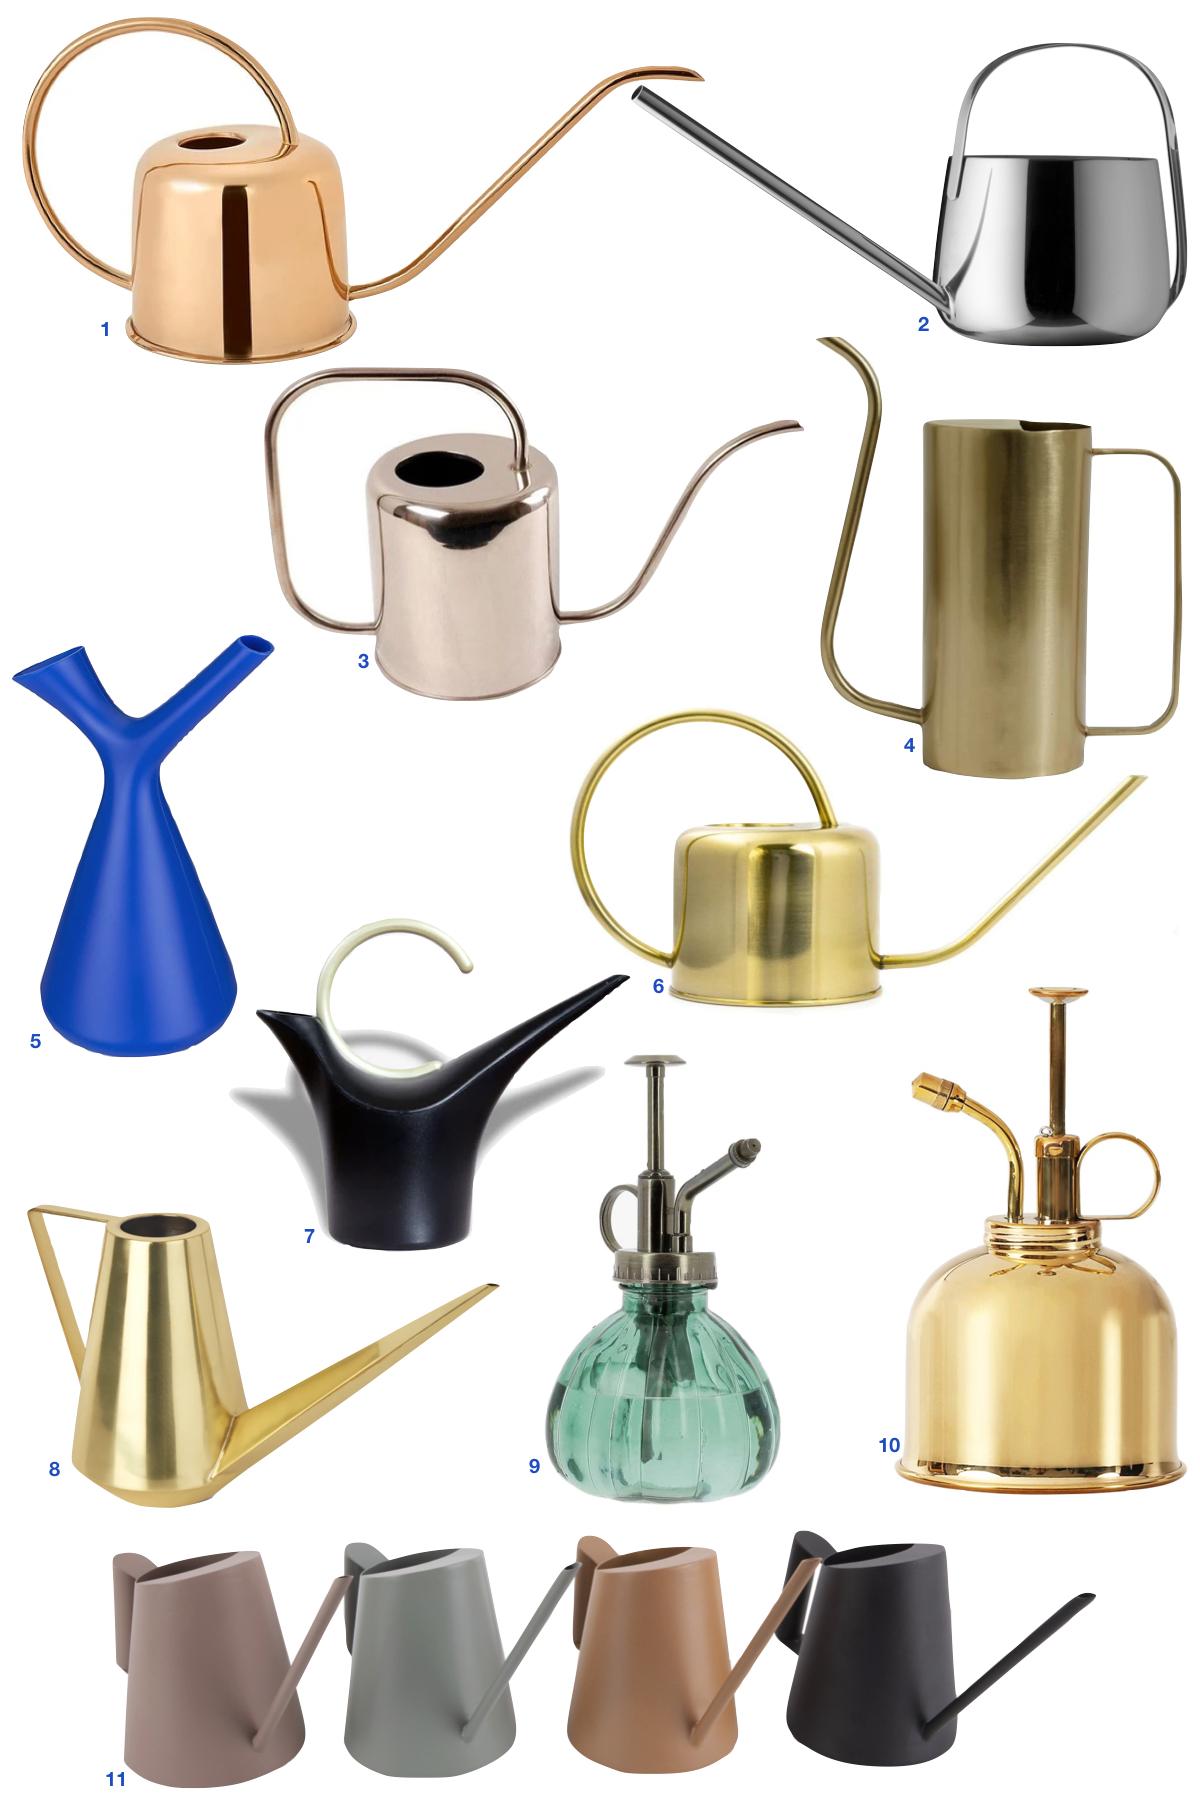 arrosoir design laiton doré cuivre métal plastique pour arroser plante intérieur - blog déco